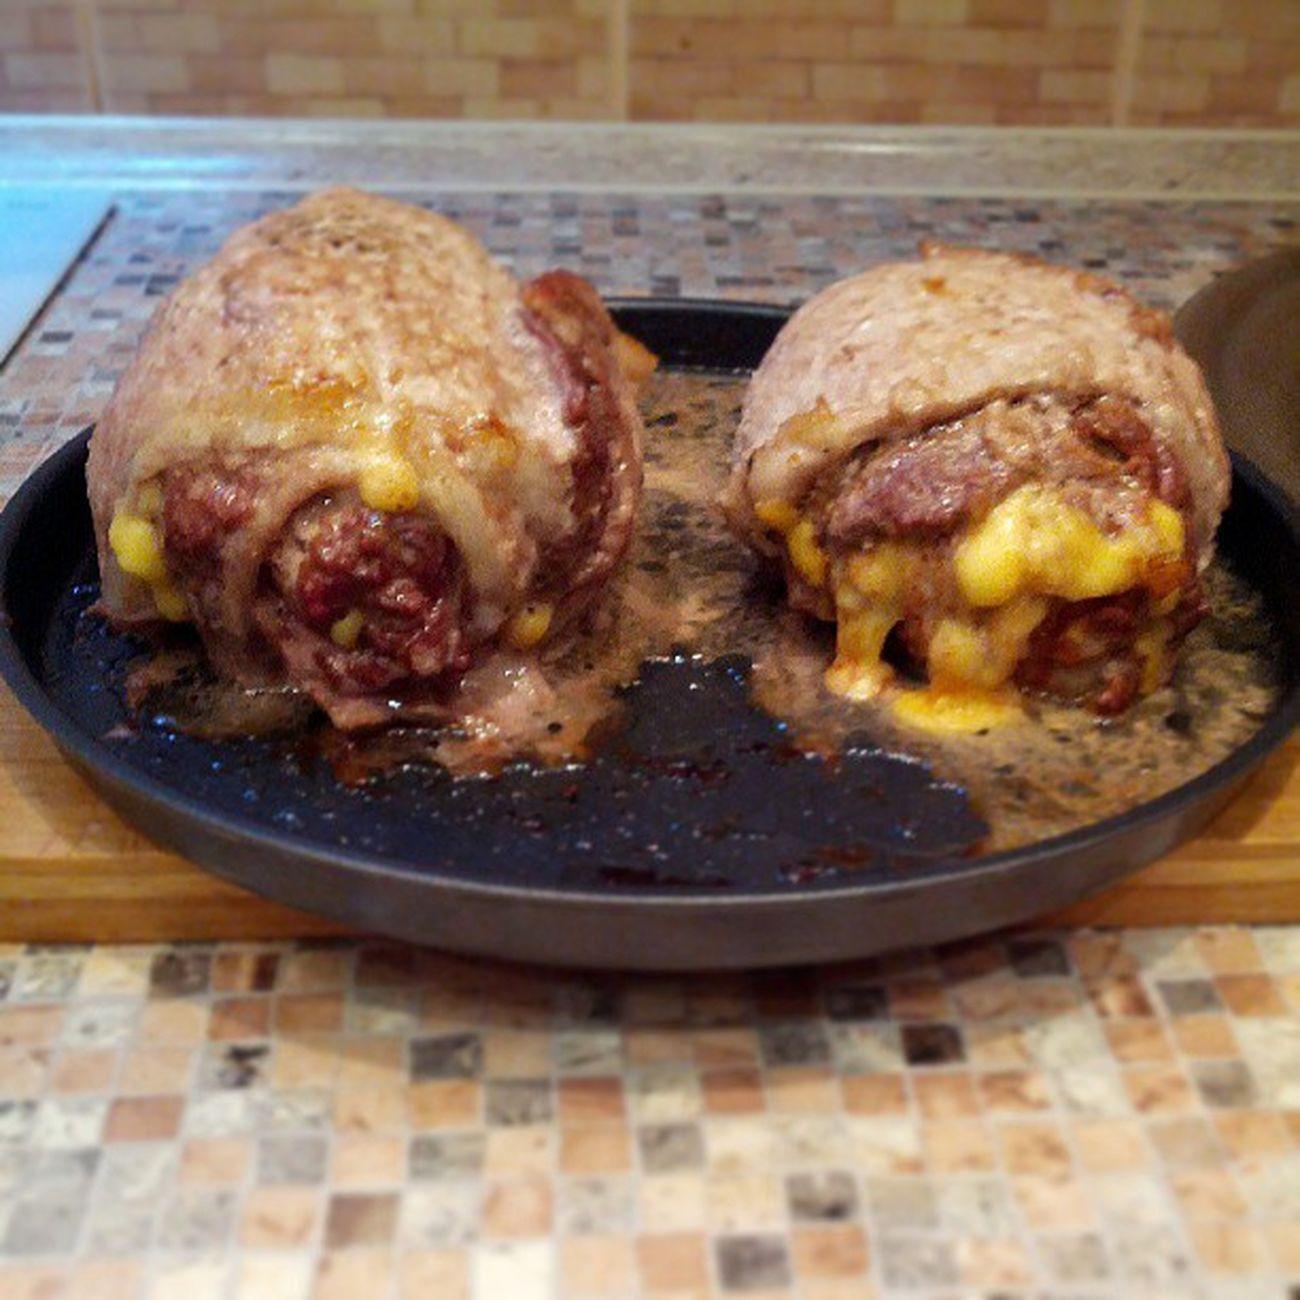 рулеты из свинины и говядины с салом и сыром приготовленные в микроволновке.